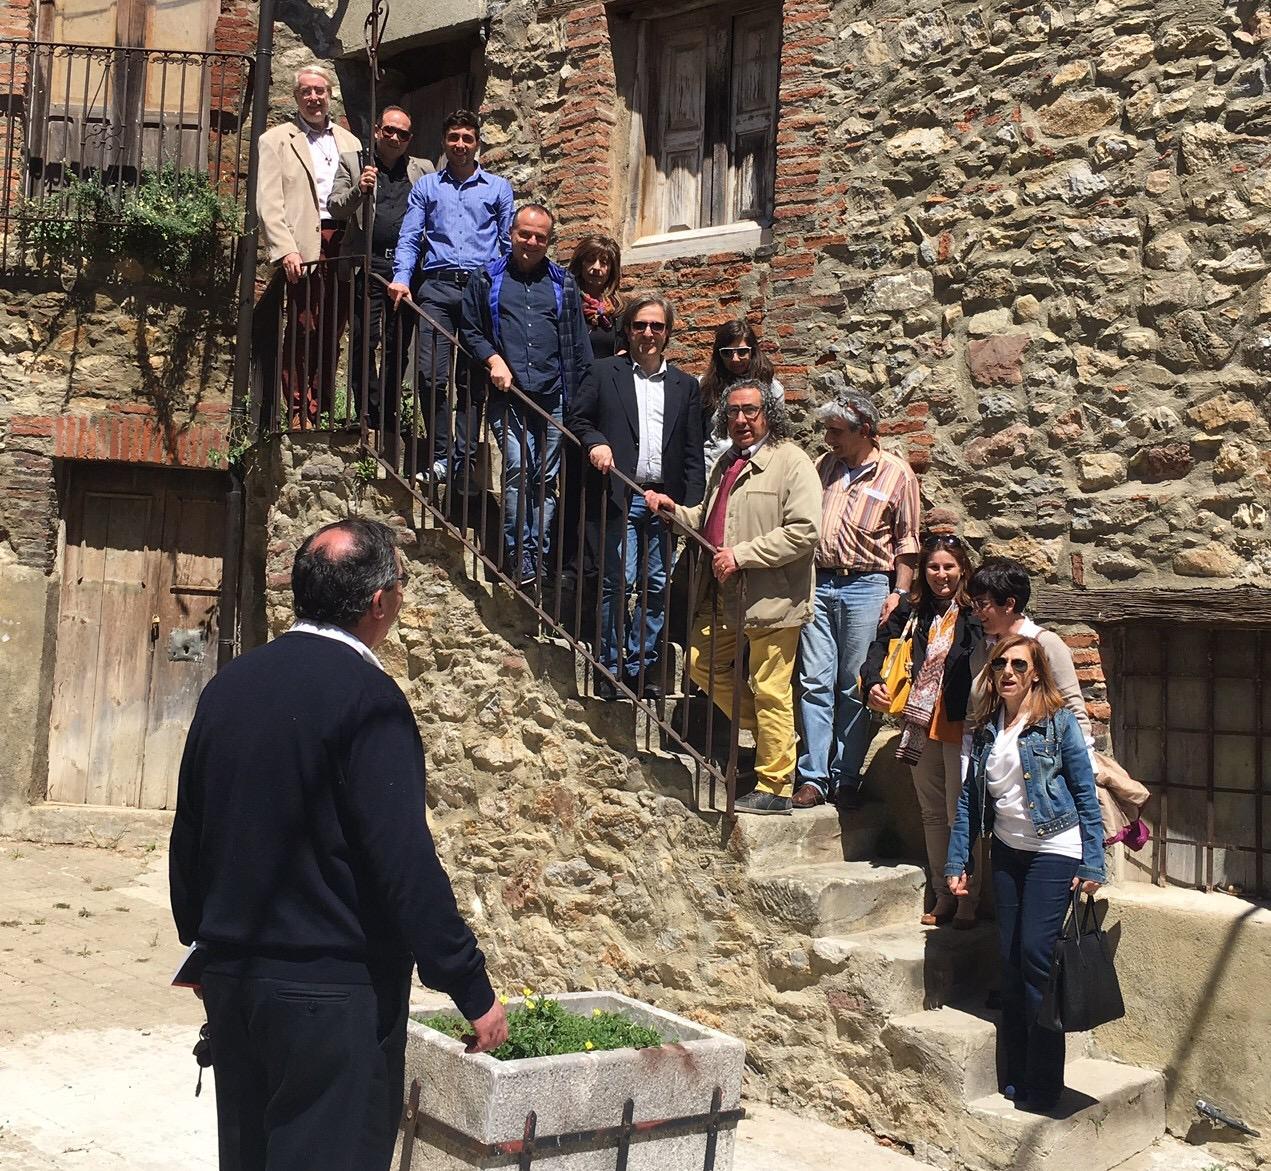 Riqualificazione urbana a Mirto, Ordine architetti